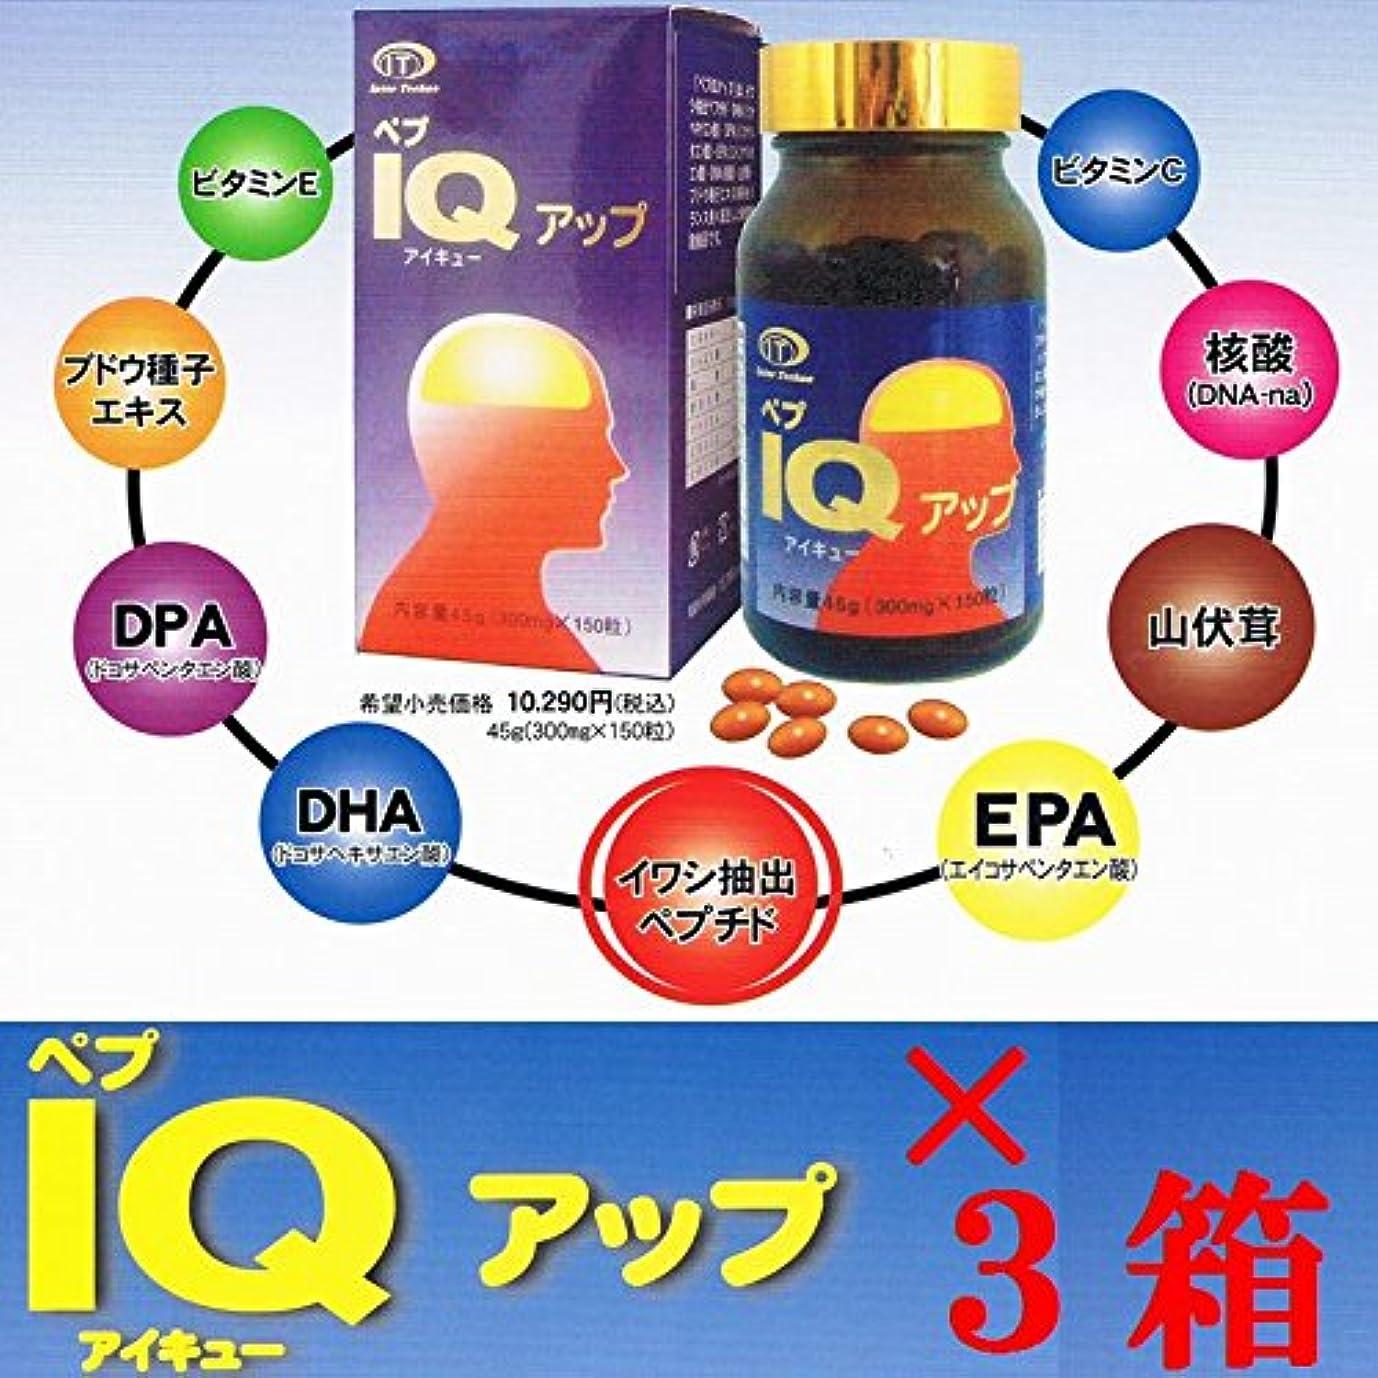 葉っぱジャニスバリーペプIQアップ 150粒 ×お得3箱セット 《記憶?思考、DHA、EPA》